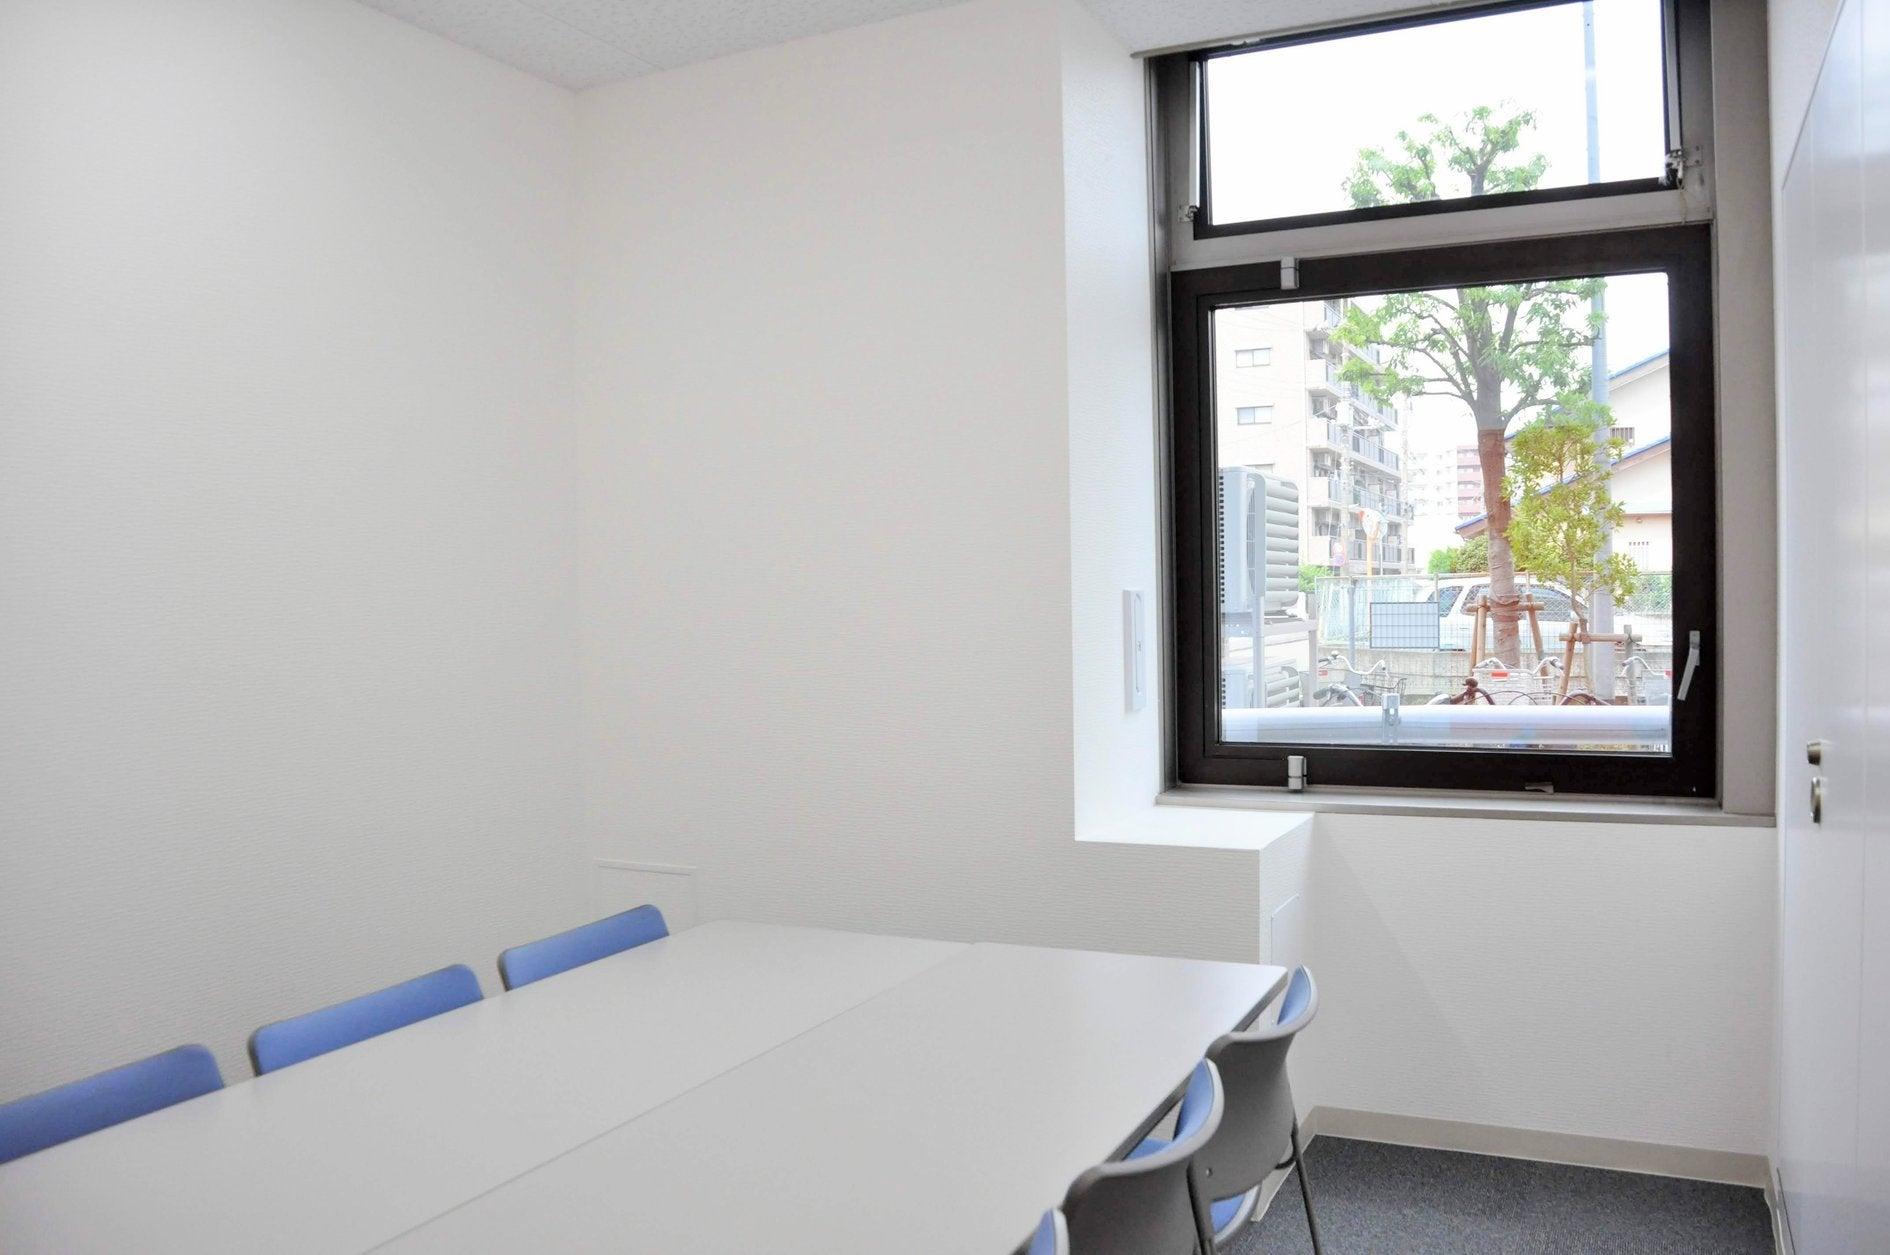 【八王子】駐車場完備!複合施設内の便利な貸し会議室(小会議室A/6名)(NATULUCK八王子コープ高倉) の写真0